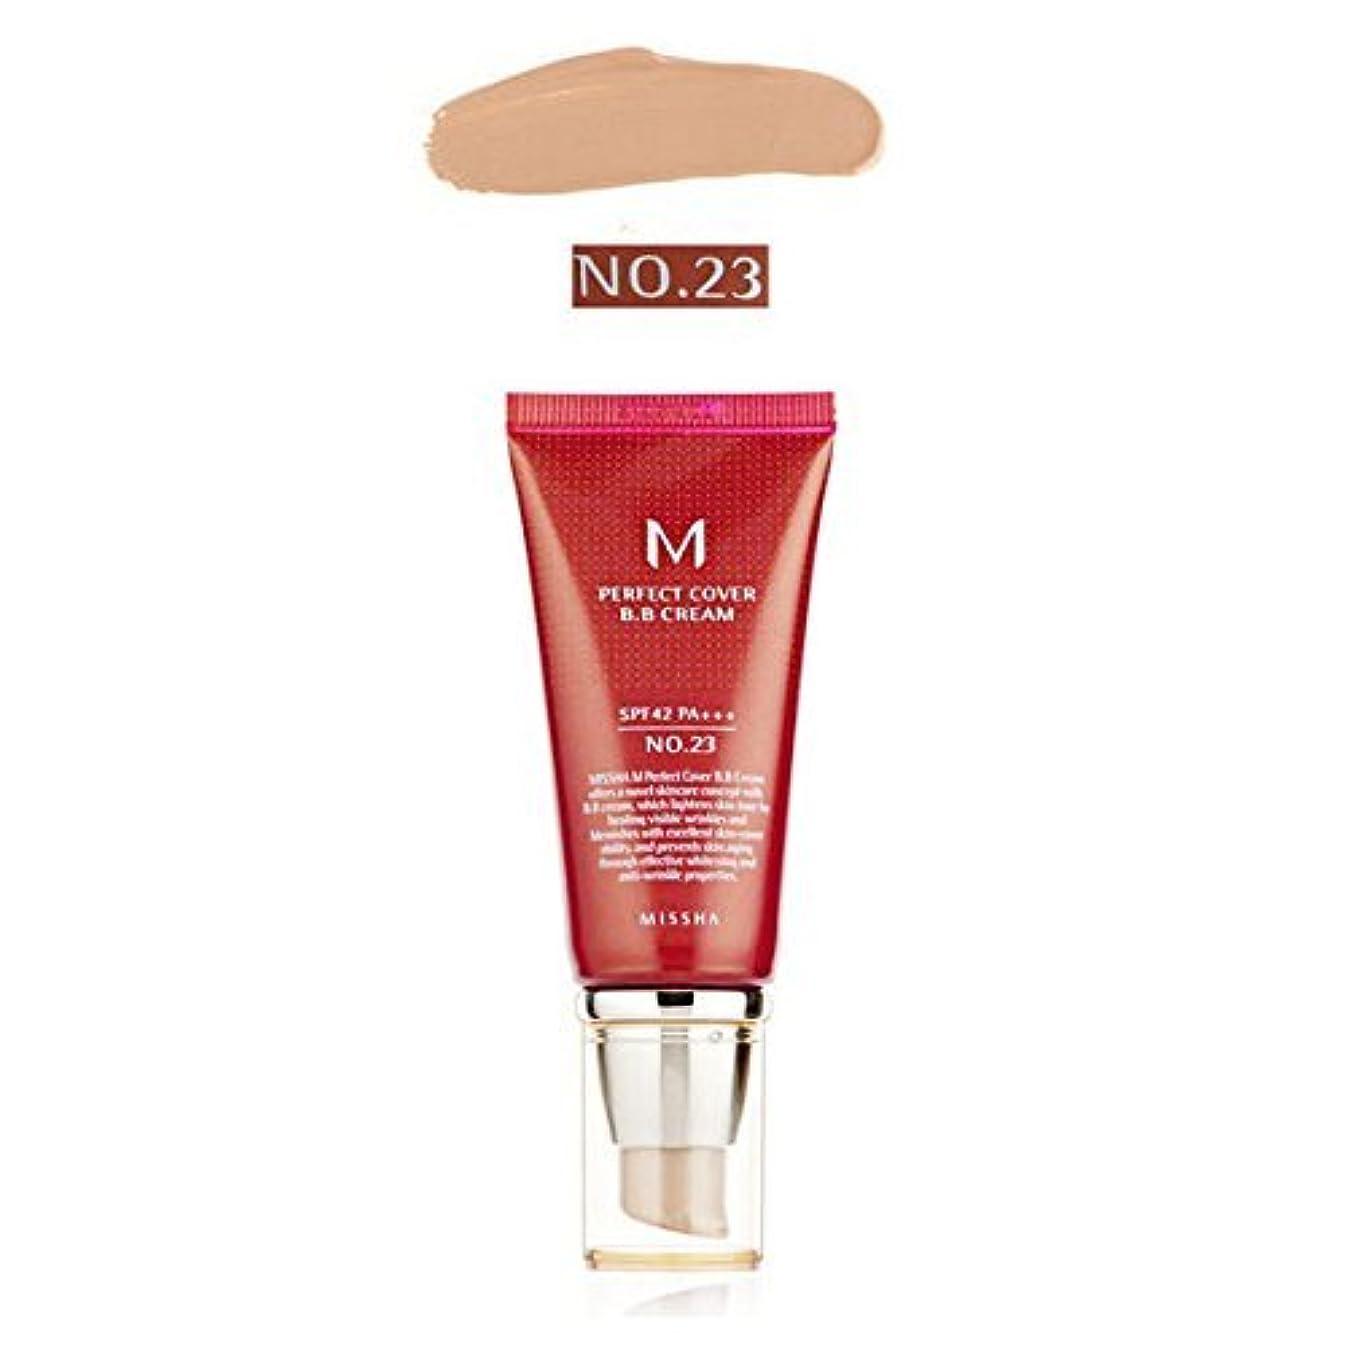 比較的チャーターピンチ[ミシャ] MISSHA [M パーフェクト カバー BBクリーム 21号 / 23号50ml] (M Perfect Cover BB cream 21号 / 23号 50ml) SPF42 PA+++ (Type5...